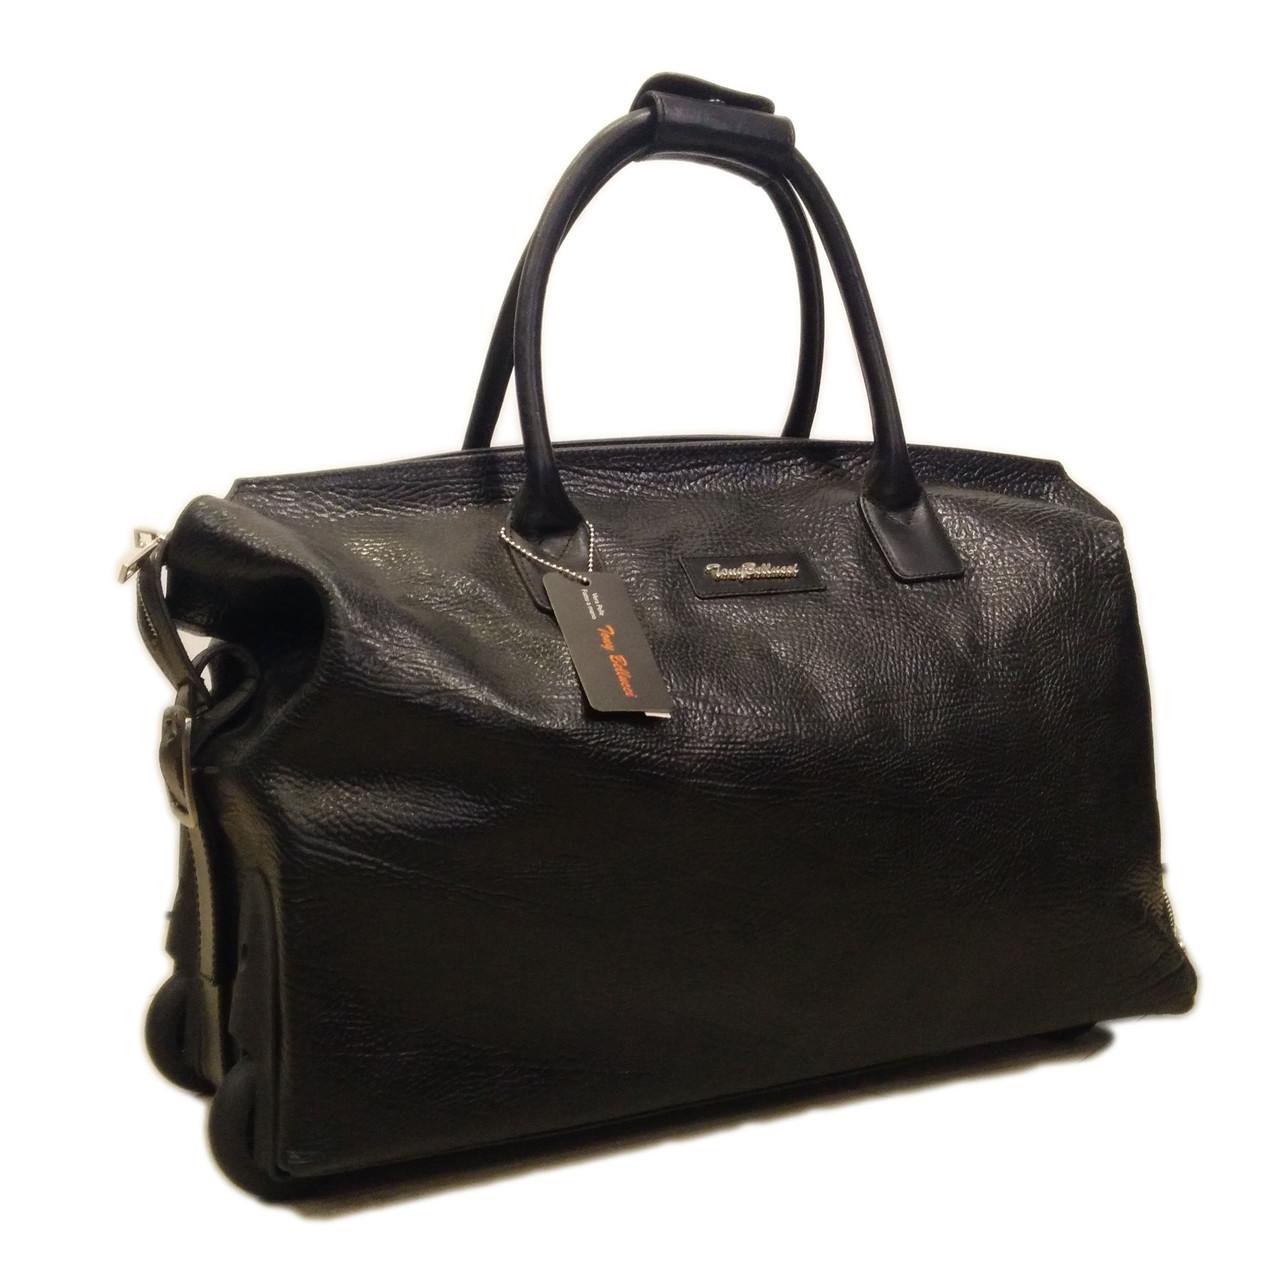 Кожаная сумка на колесах Tony Bellucci S-5073-893 кожа буфало, черная